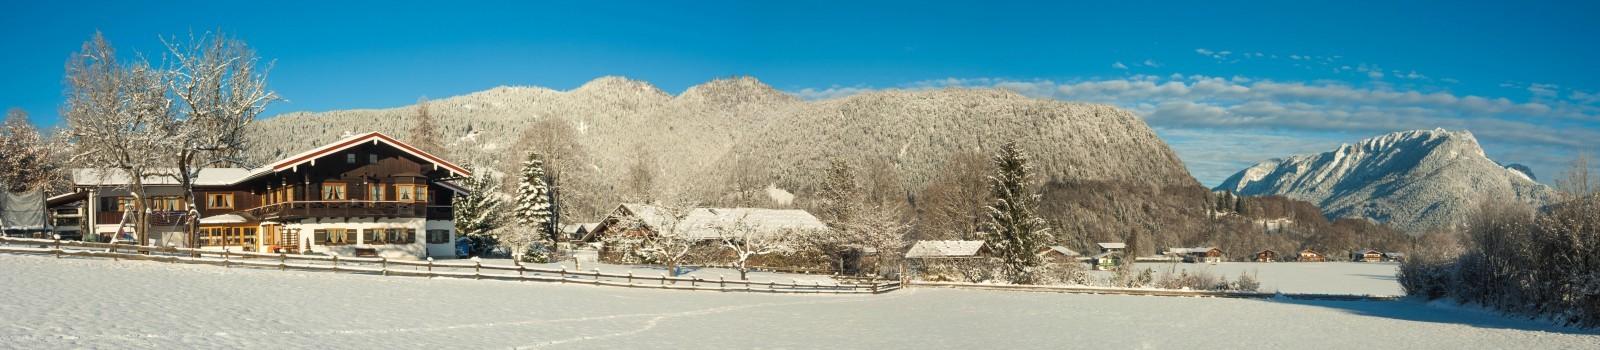 Winterurlaub im Grünsteineck